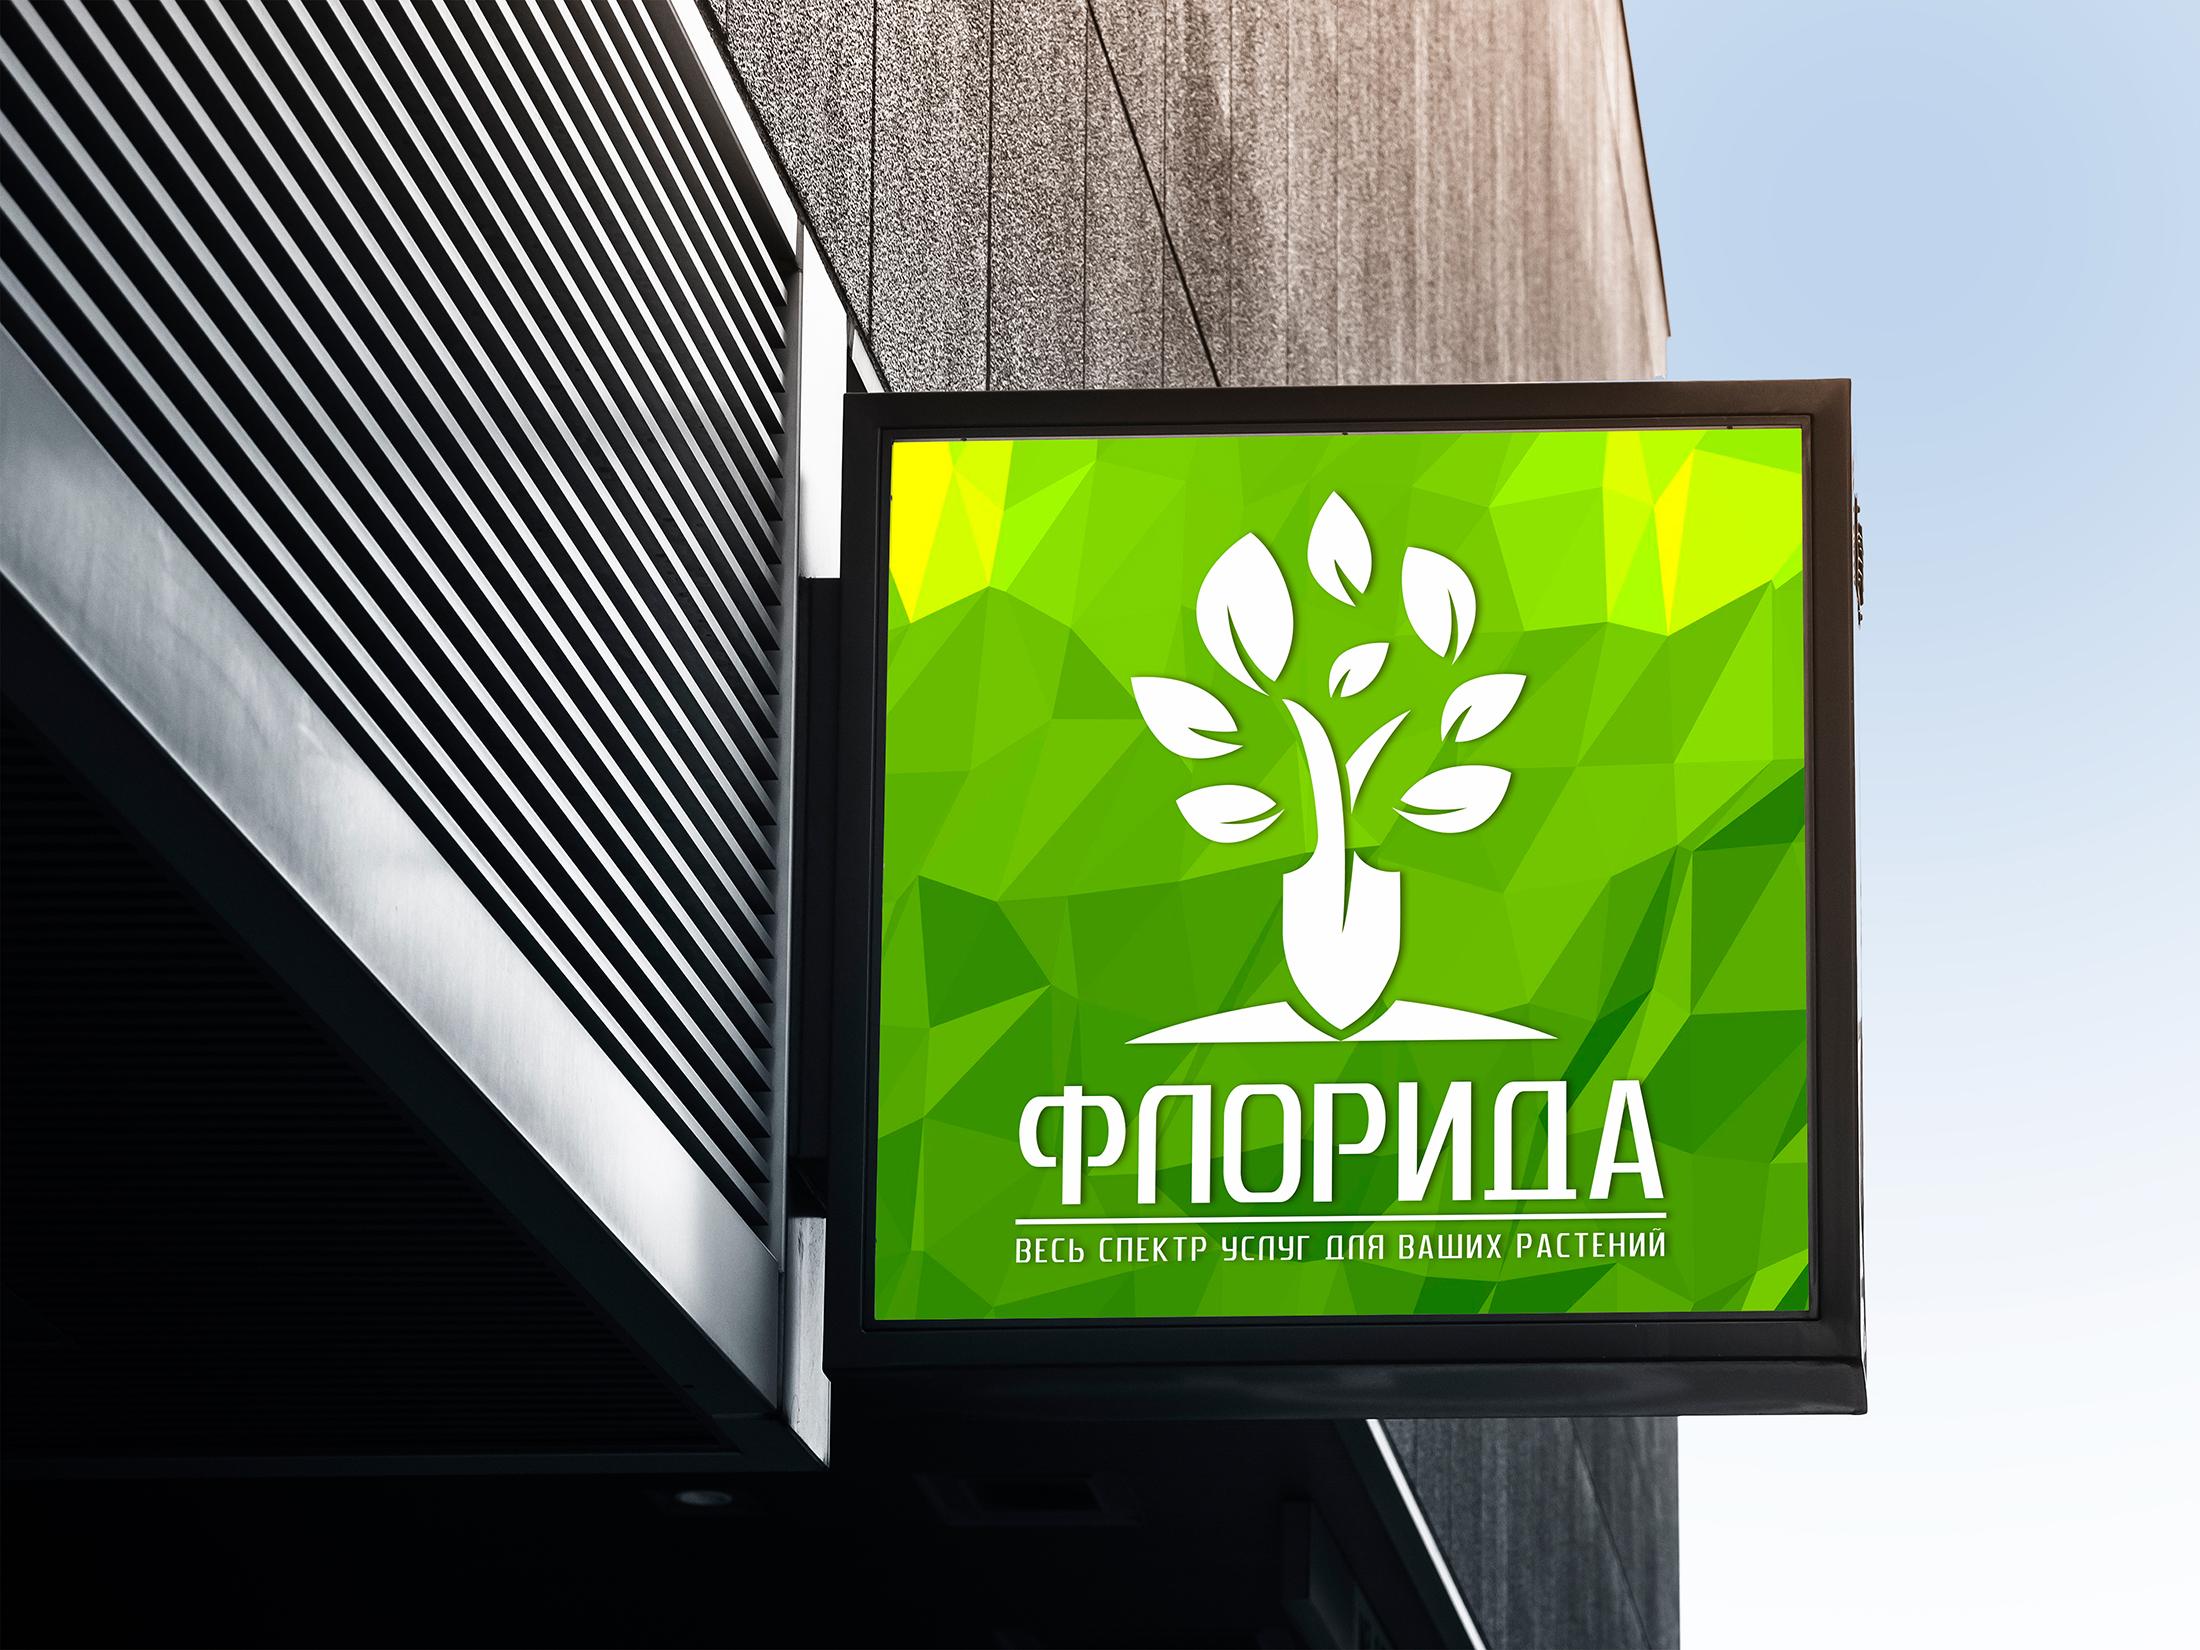 Разработка название садового центра, логотип и слоган фото f_0985a7f0fd27aa4b.jpg